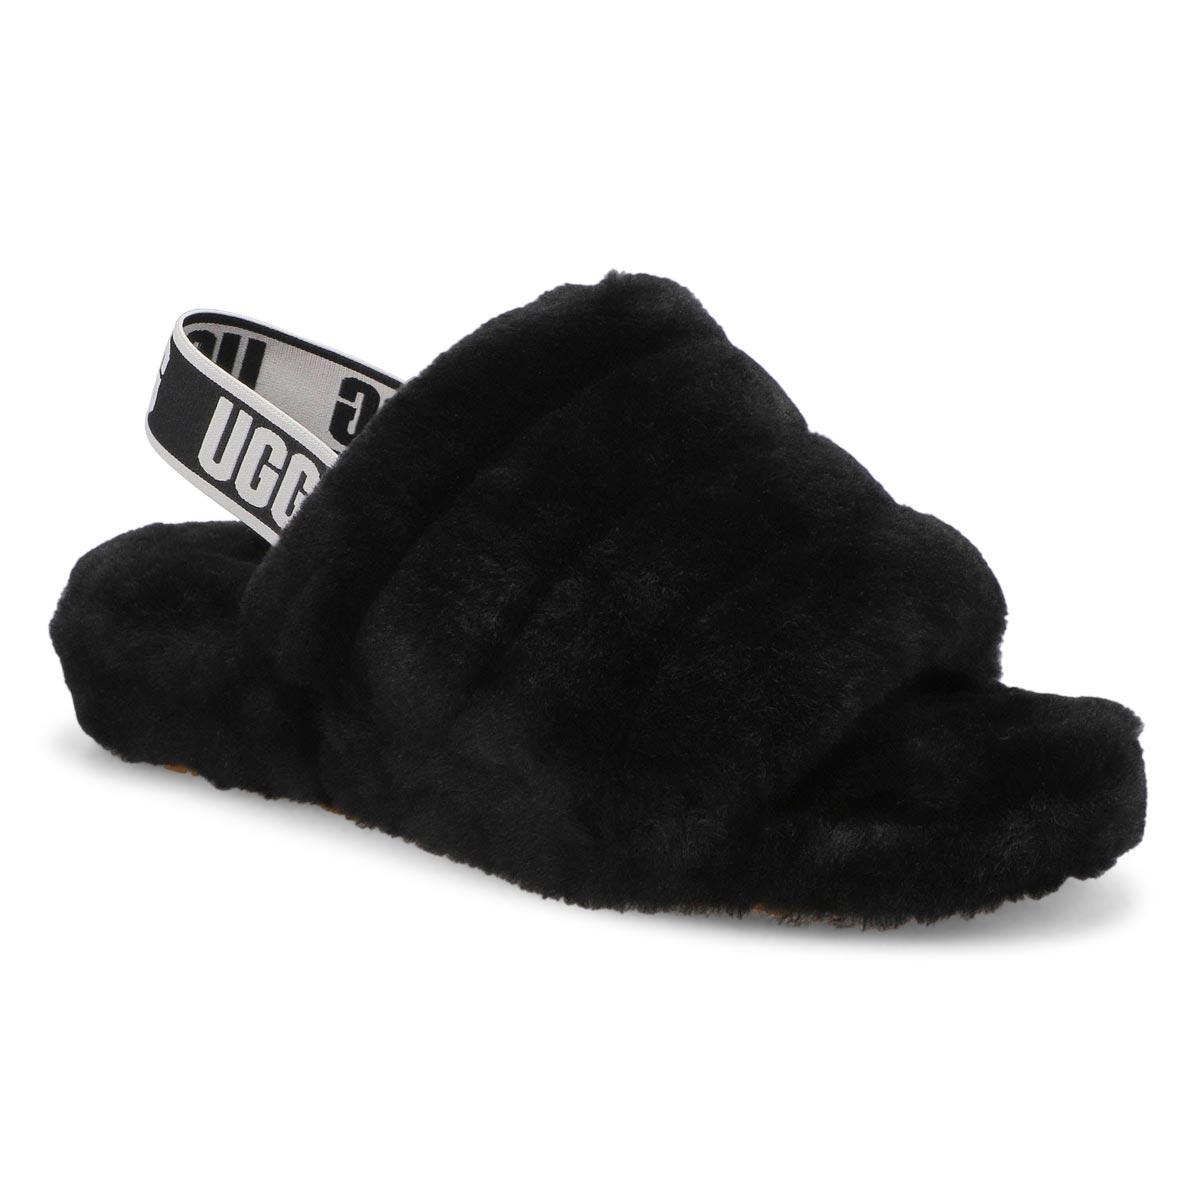 Pantoufles FLUFFYEAH, laine/mouton, noir, filles